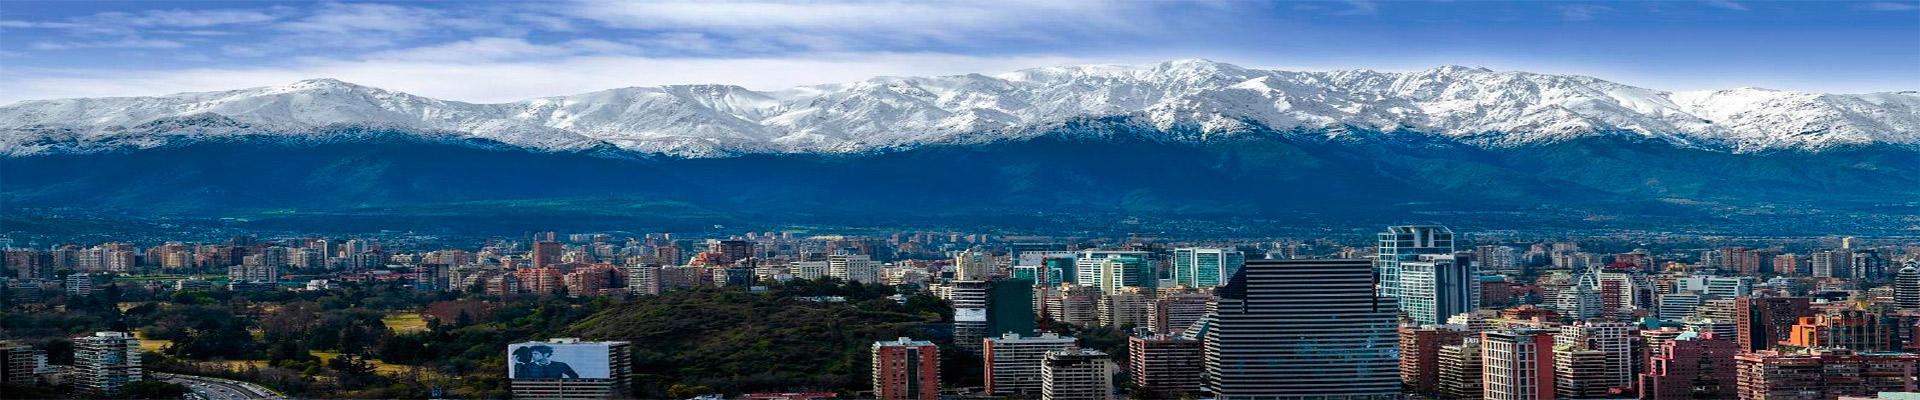 Chile – Santiago – Feriado 12 de outubro